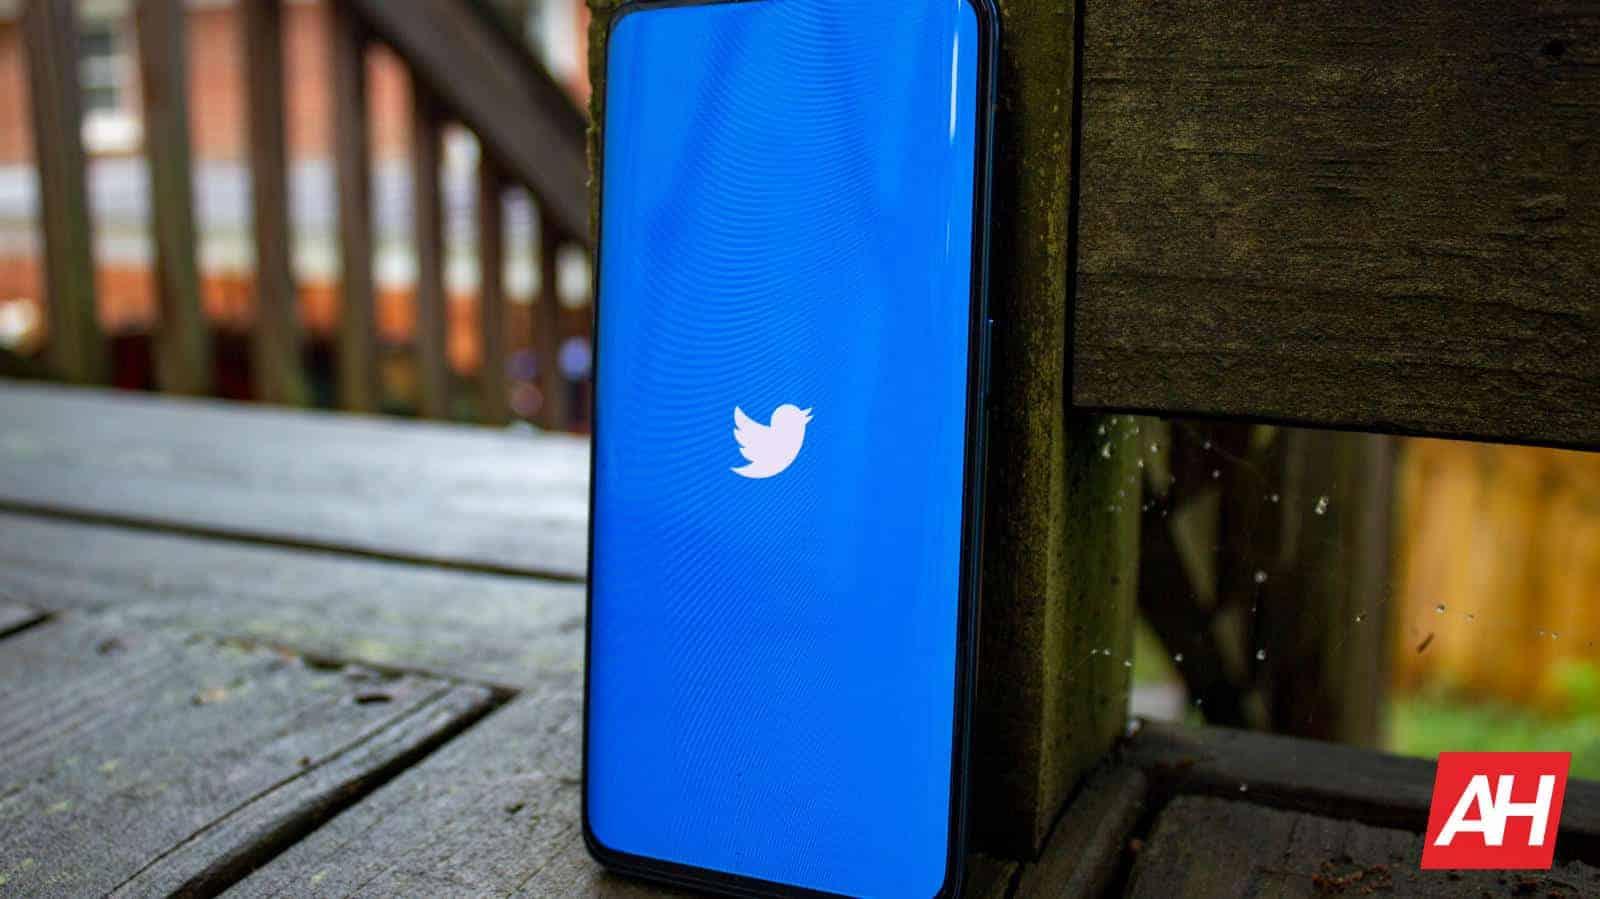 Twitter AH NS 04